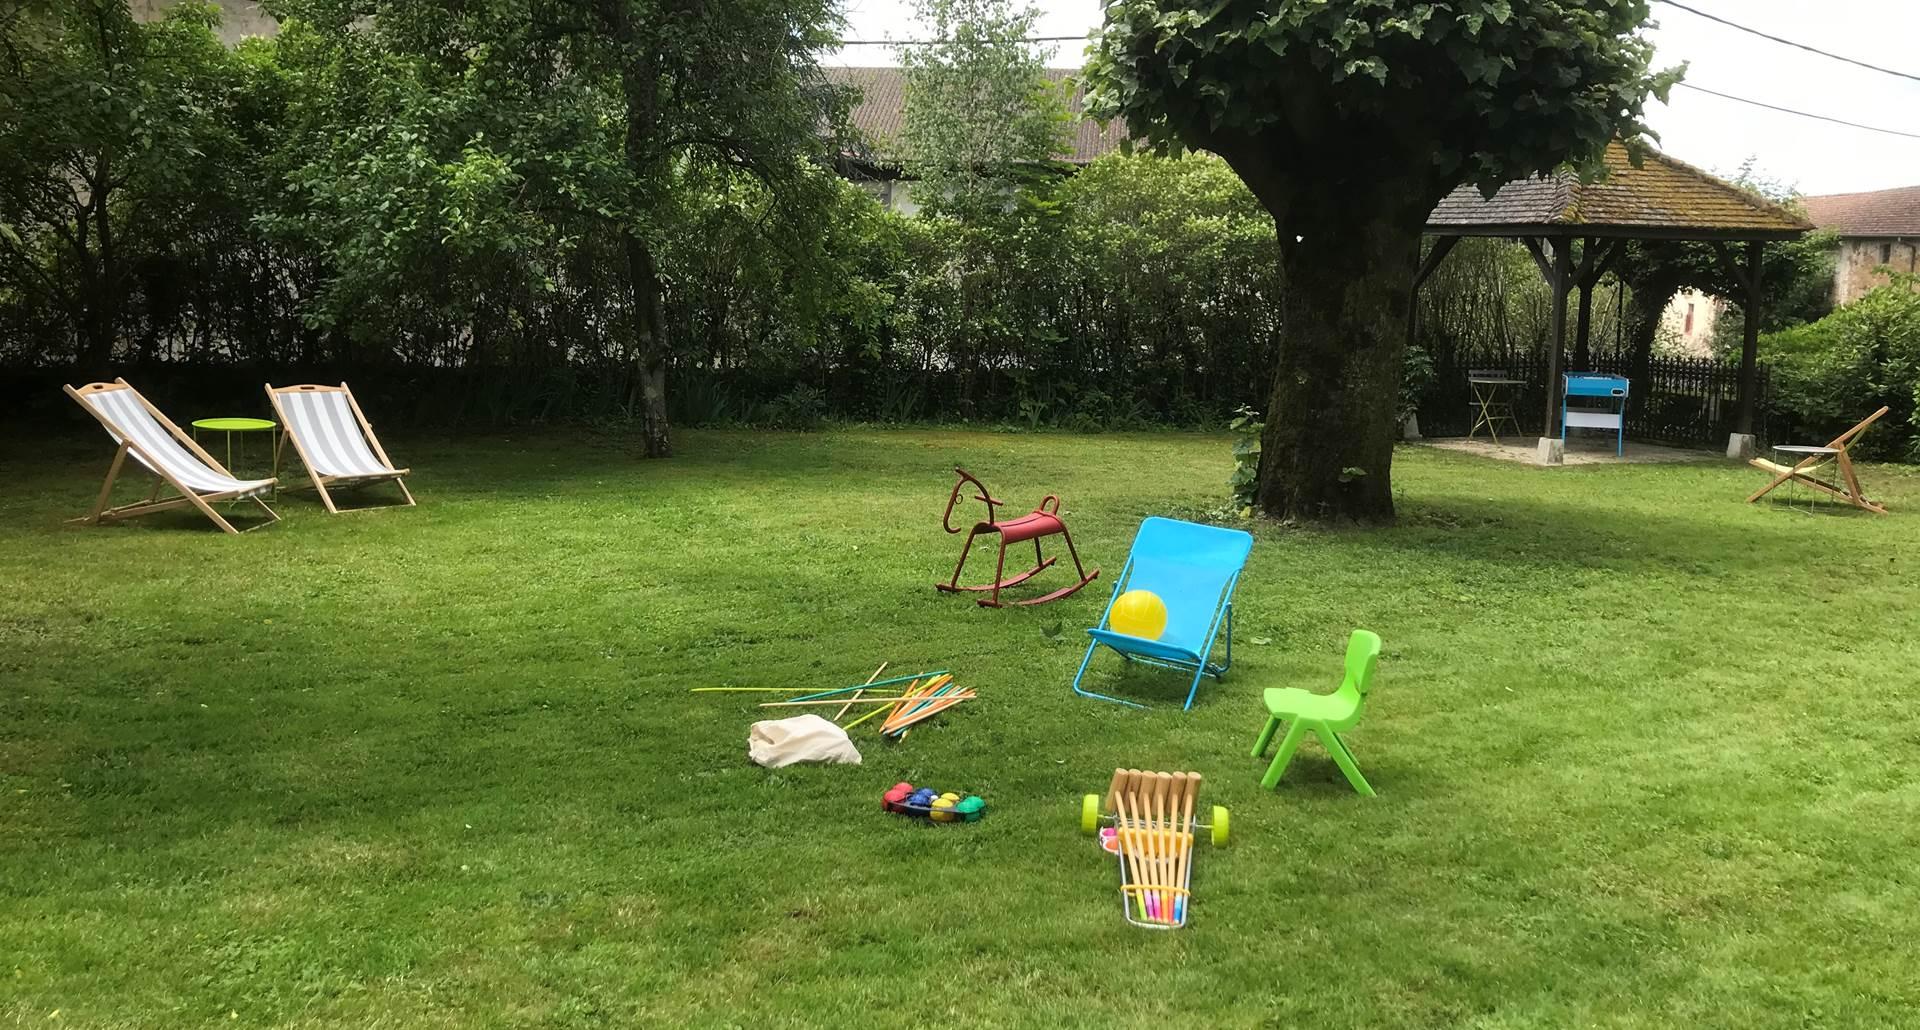 Le Jardin des Lys - Les jeux de plein air au jardin